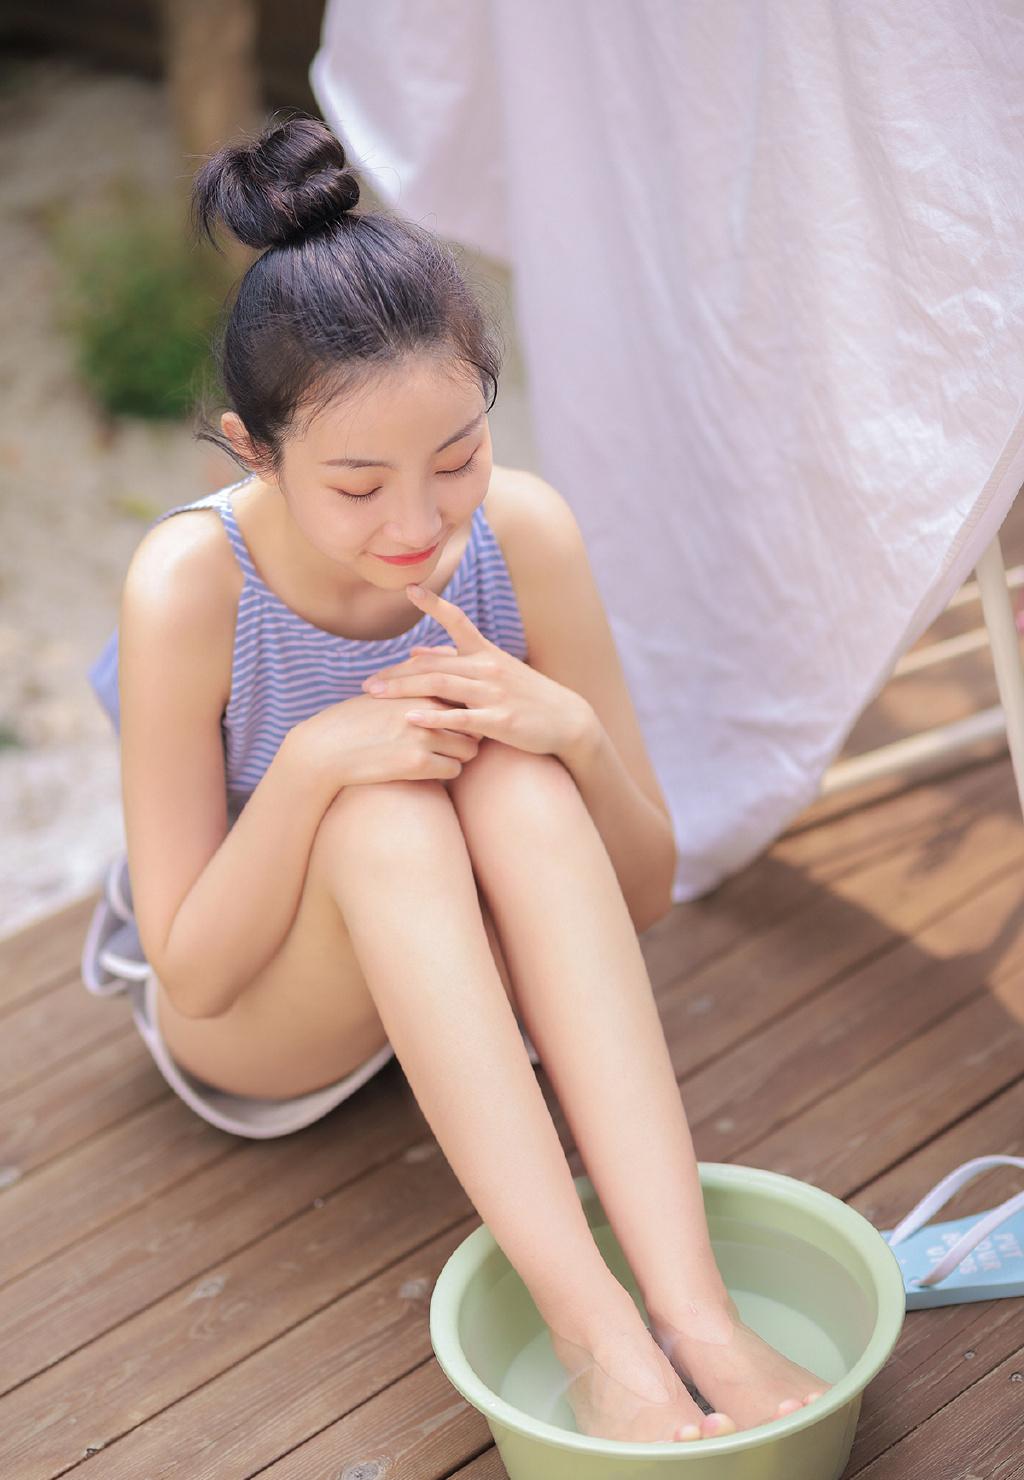 超美长腿美女白皙肌肤撩人性感写真图片大全